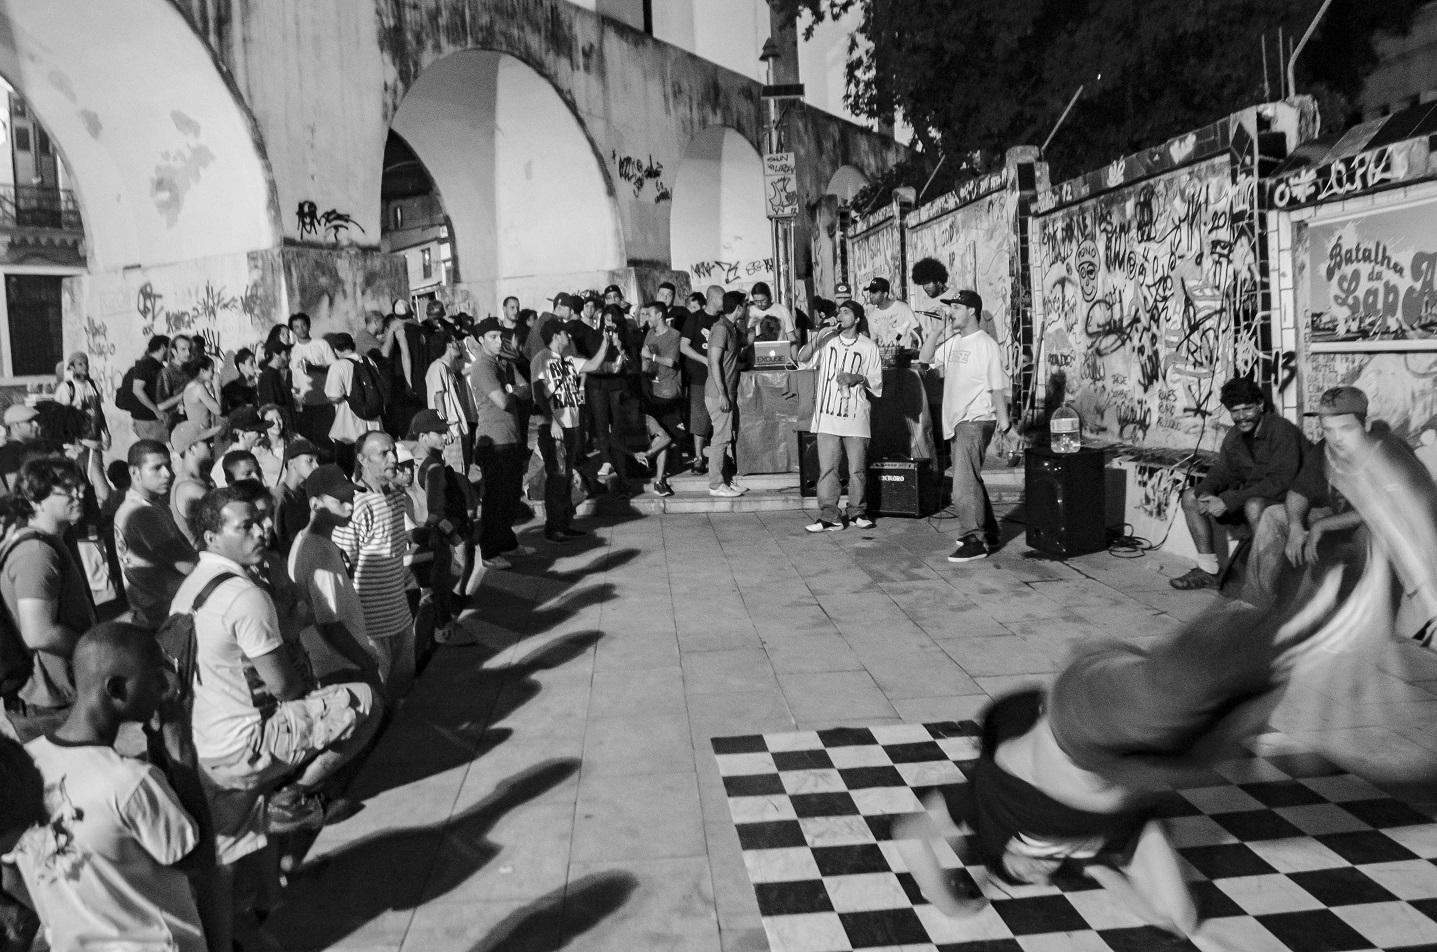 Batalha de Mcs na Lapa. Estado tem hoje mais de 150 rodas culturais. Foto Thiago Ripper